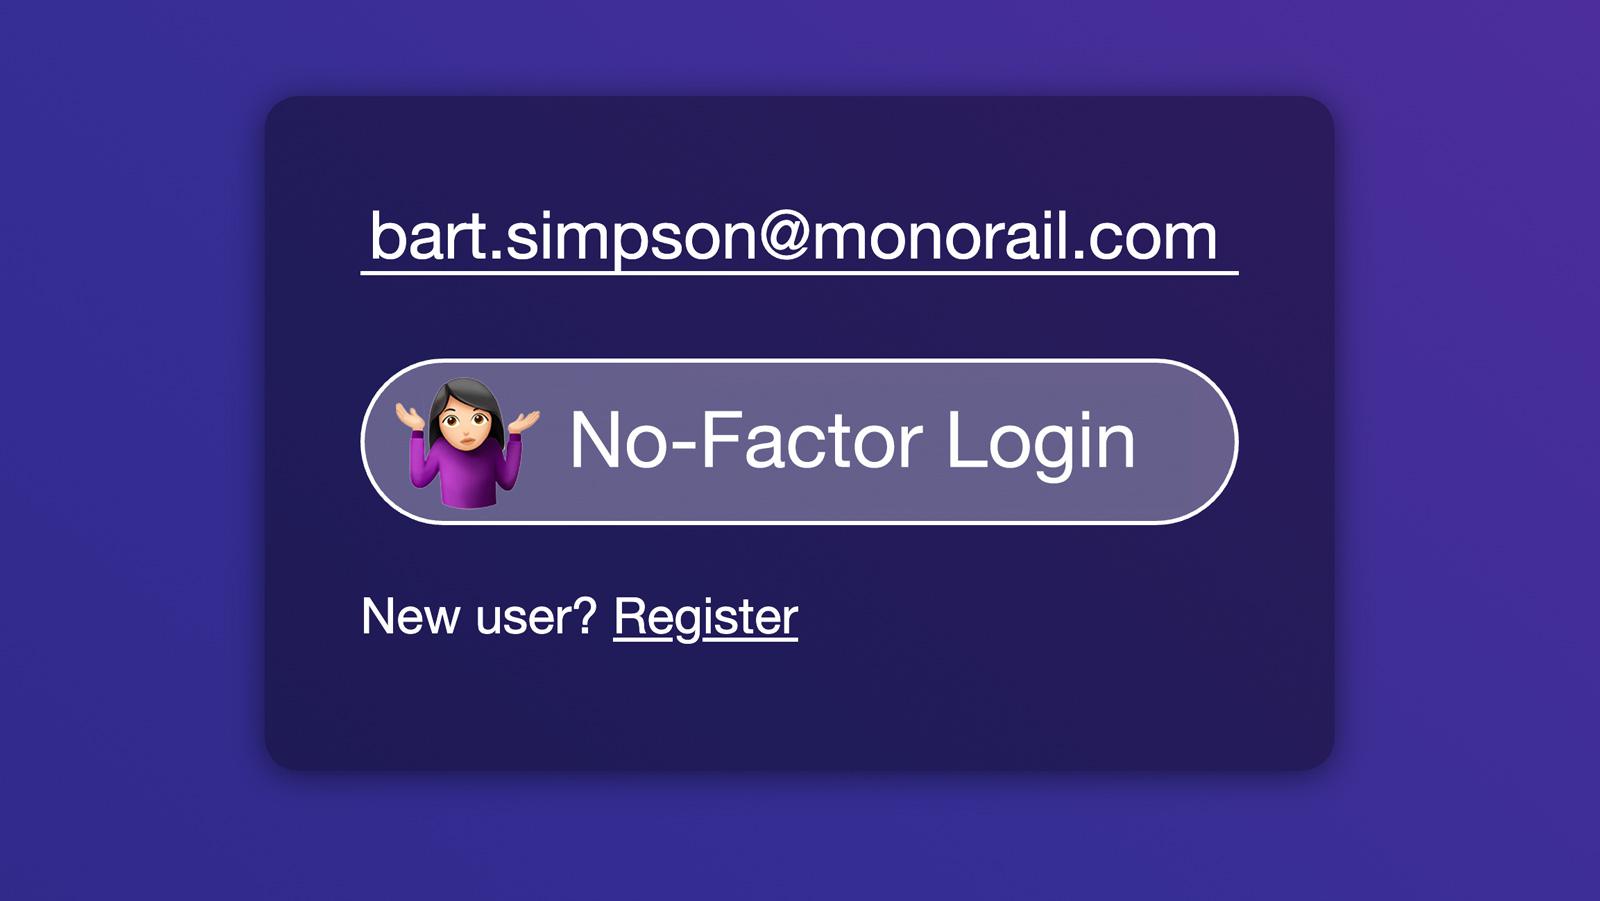 HYPR Launches No-Factor Authentication